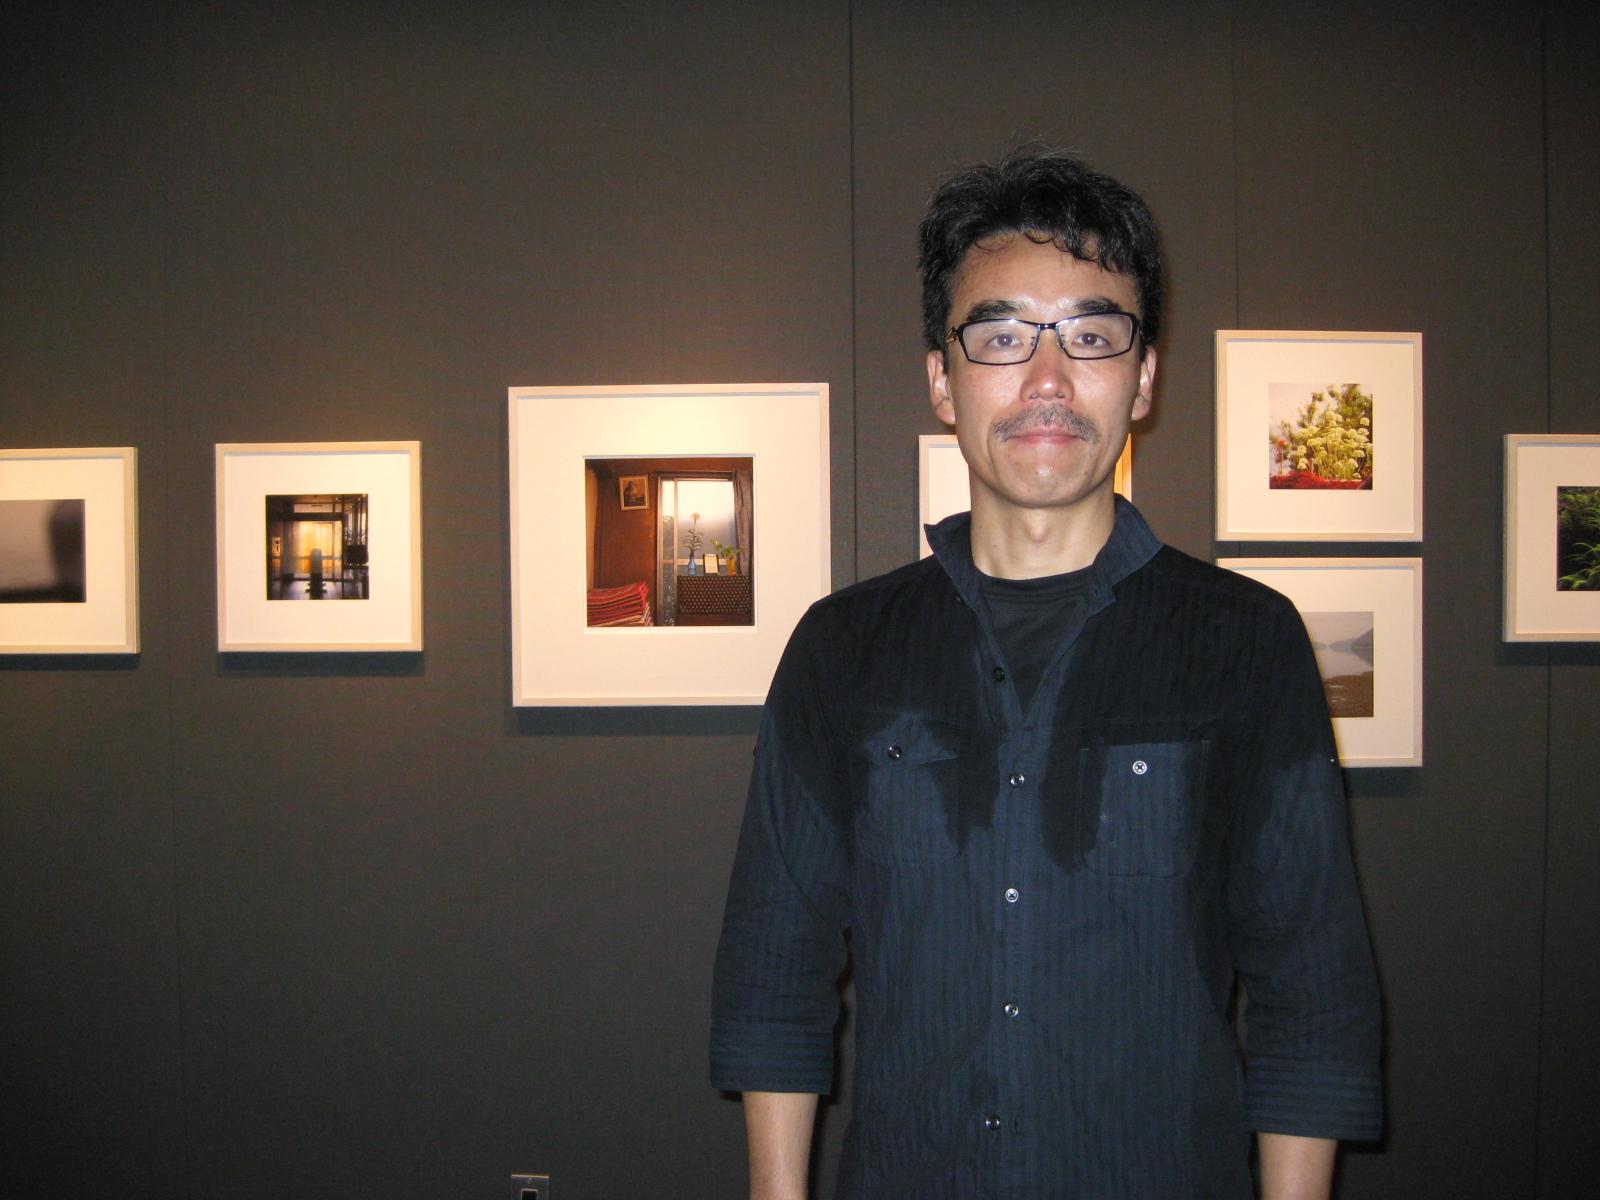 勝峰 翳 写真展 「島-けはい-」アイデムフォトギャラリー「シリウス」